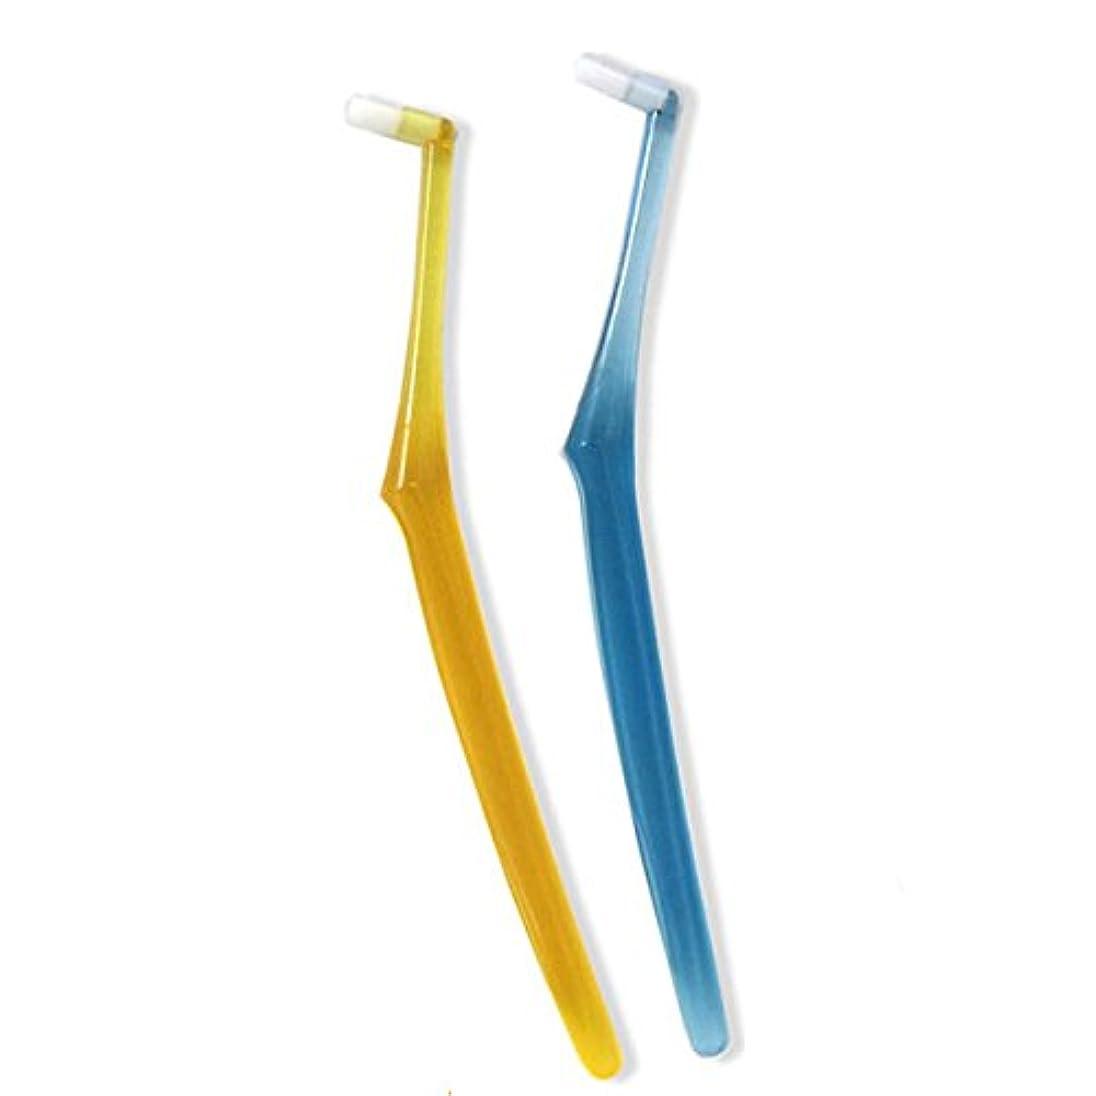 大混乱修復酸化物【ワンタフト】 オーラルケア インプロ インプラント専用 歯ブラシ 24本セット (US(ウルトラソフト))